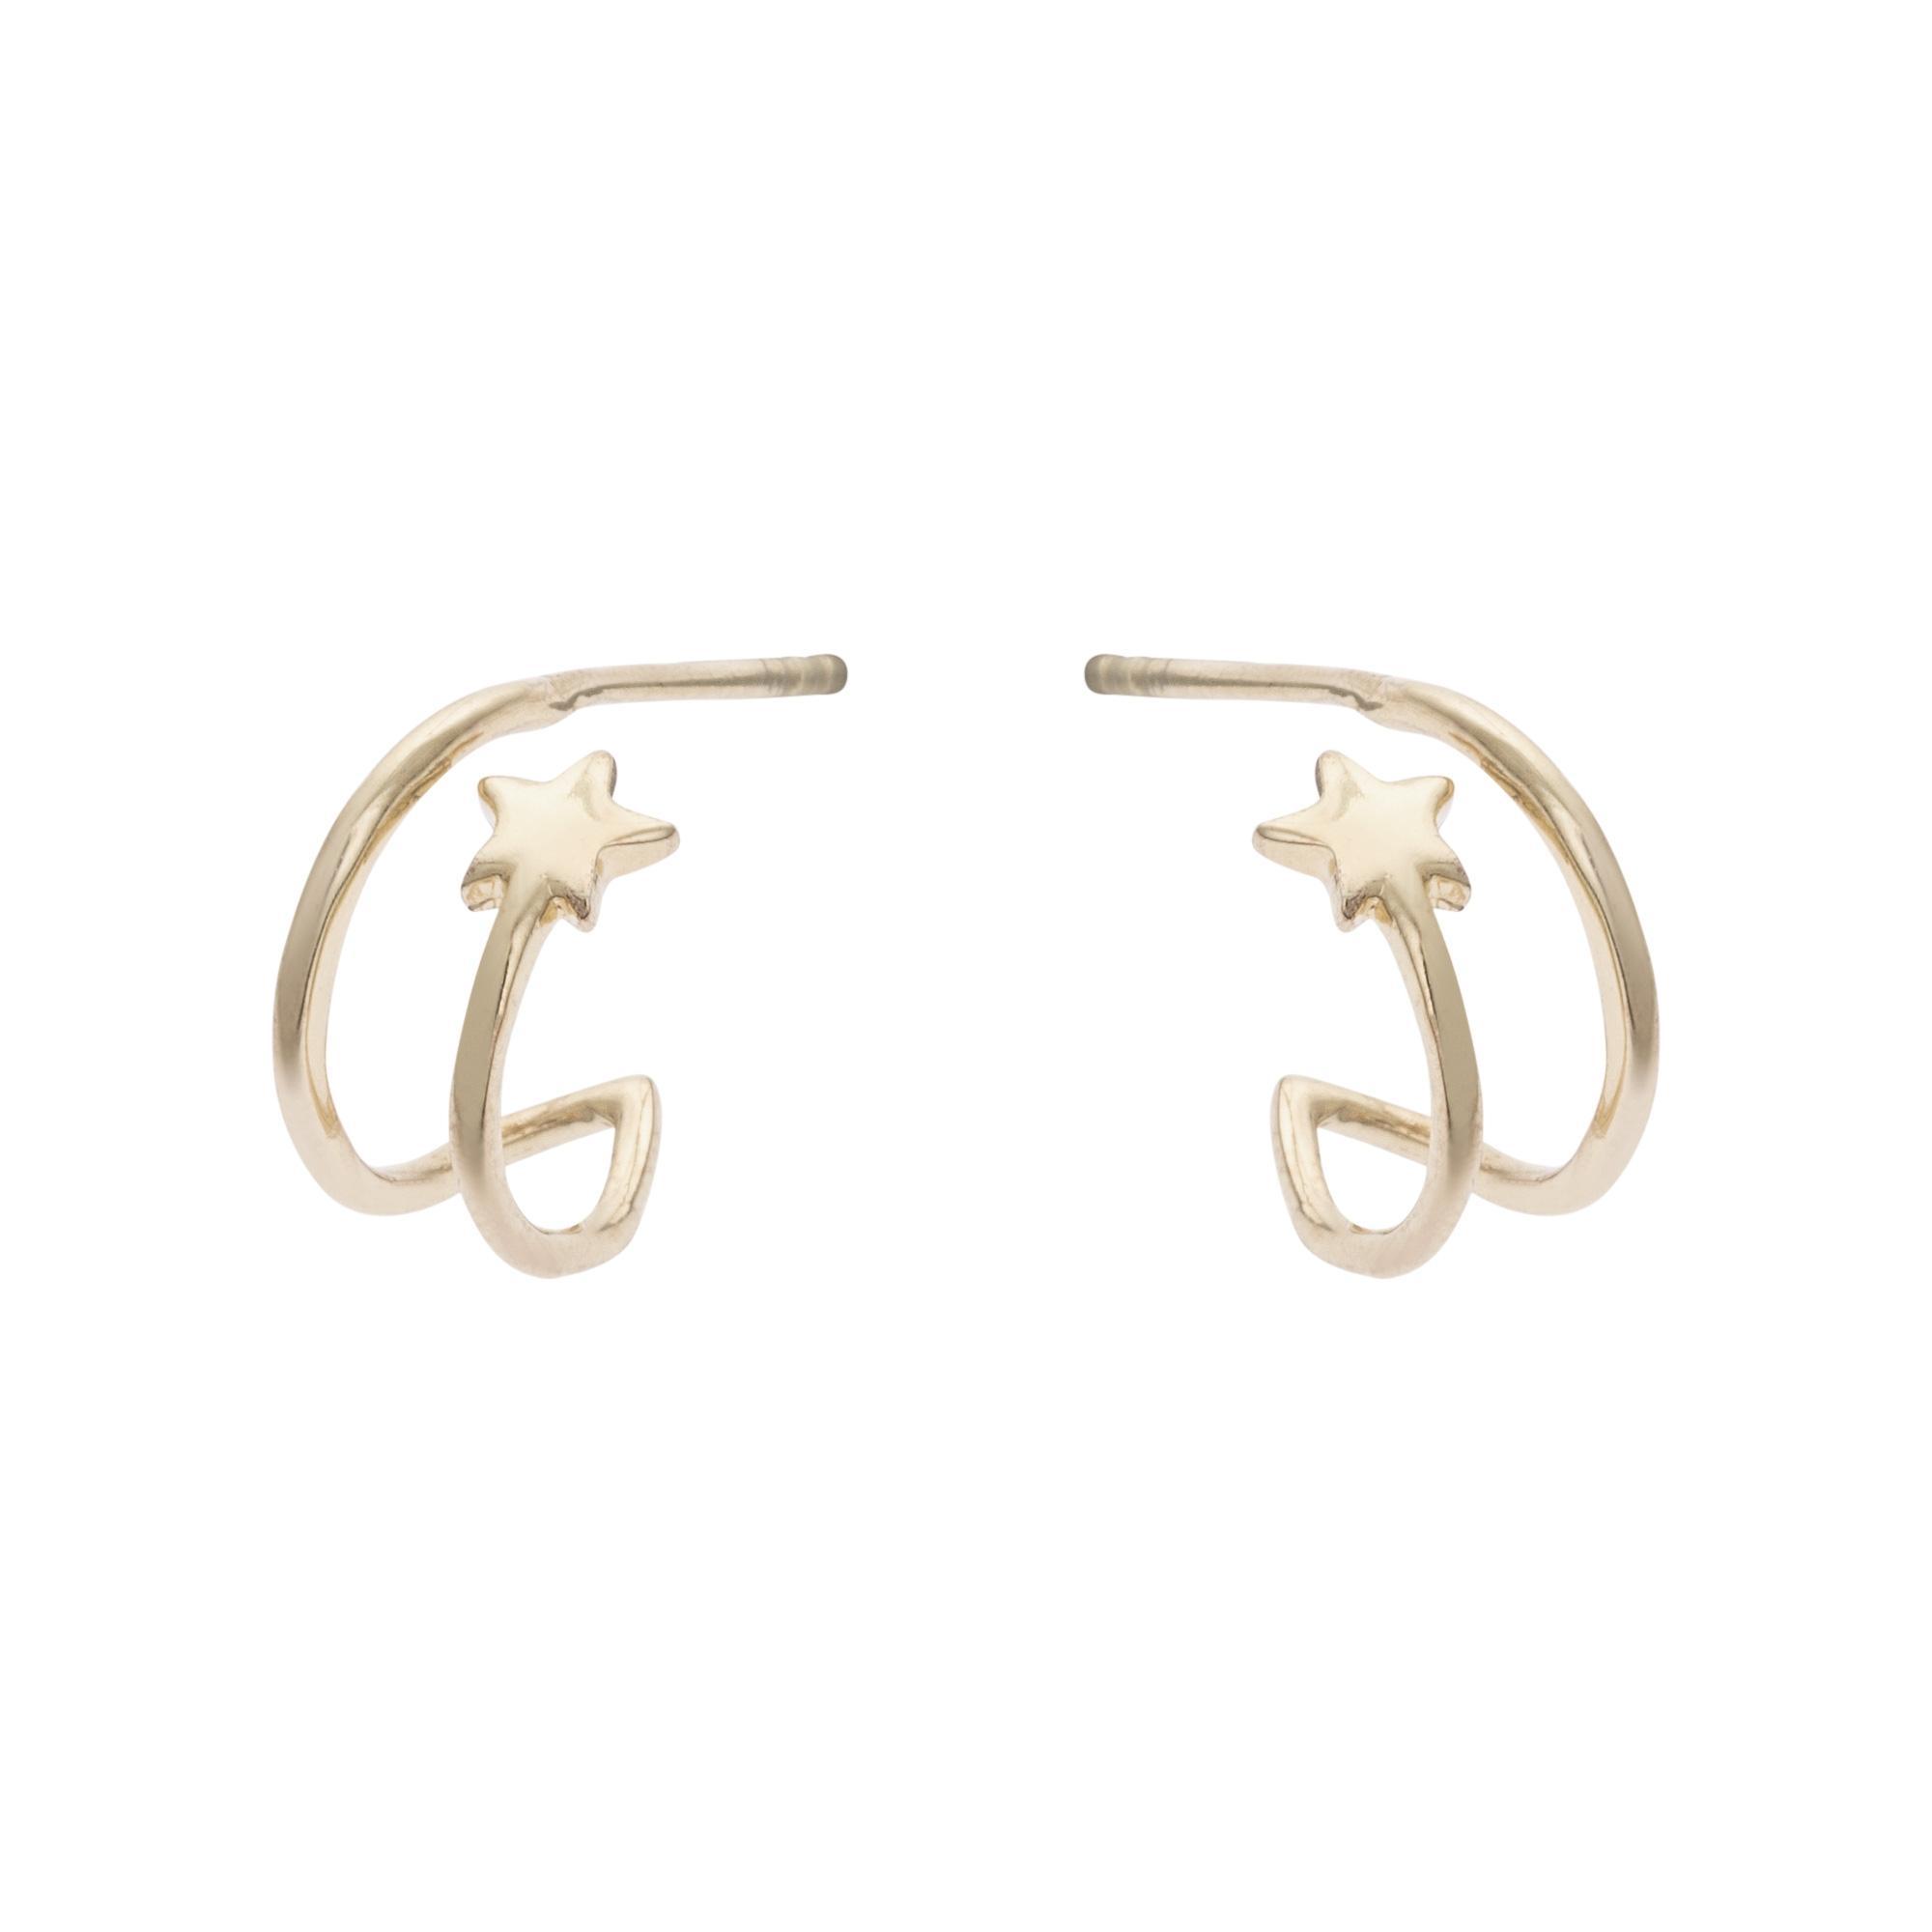 e7396c504 Lyst - Oliver Bonas Linear Star Motif Hoop Earrings in Metallic